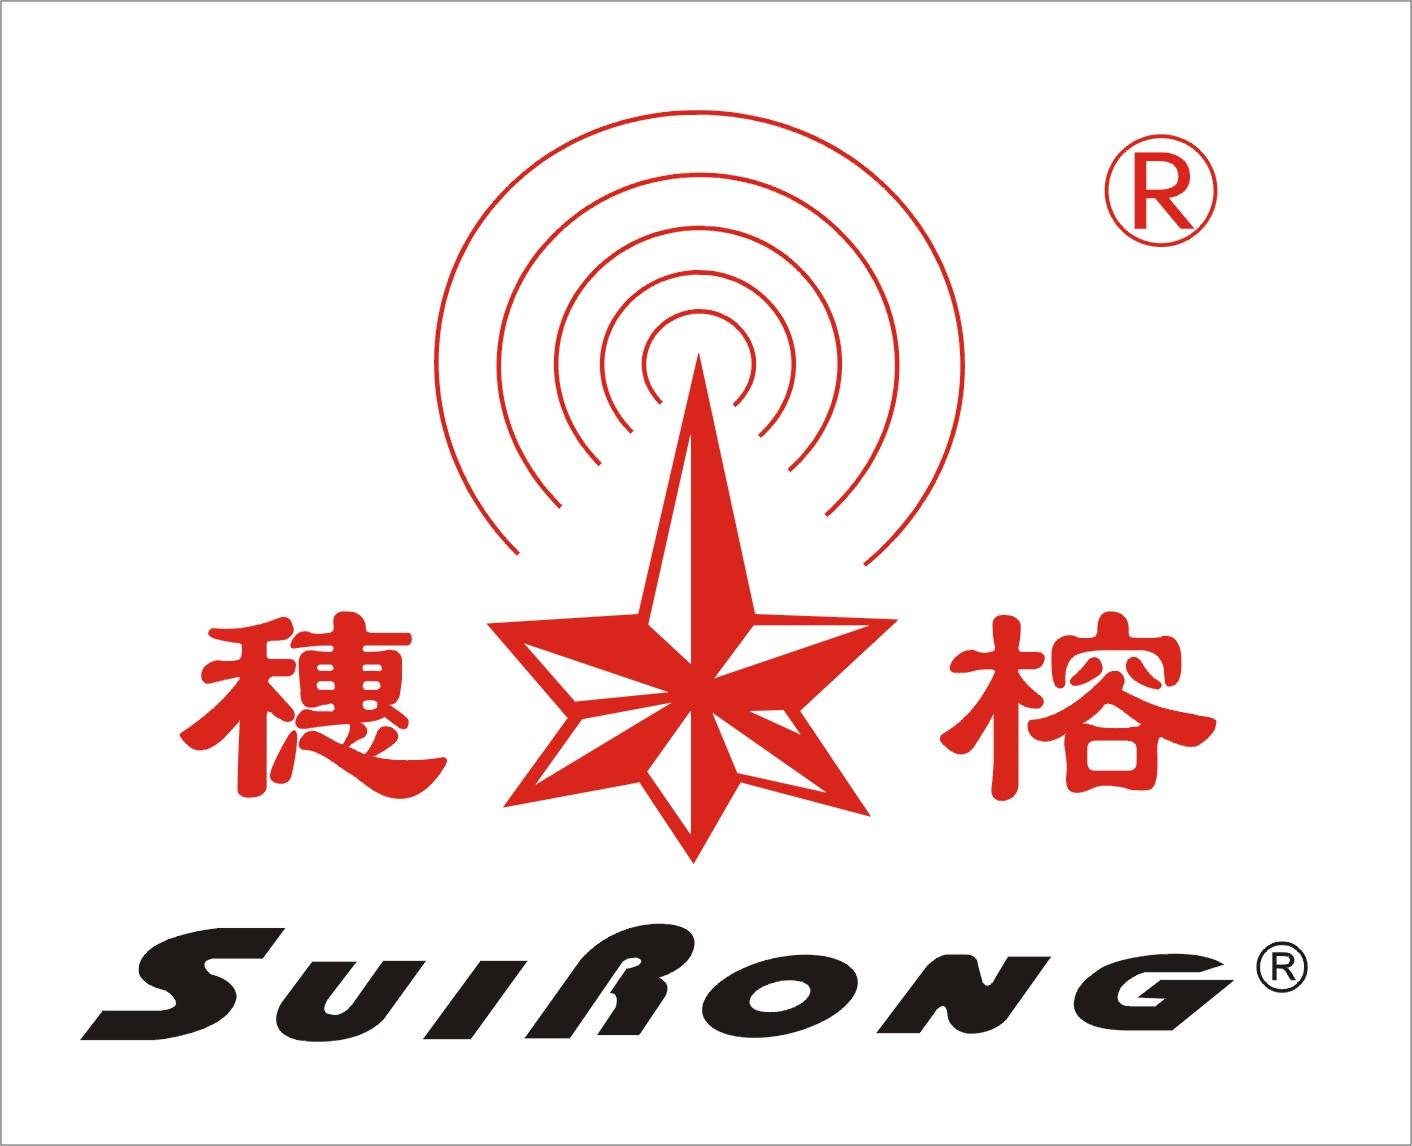 深圳市穗榕同轴电缆科技有限公司